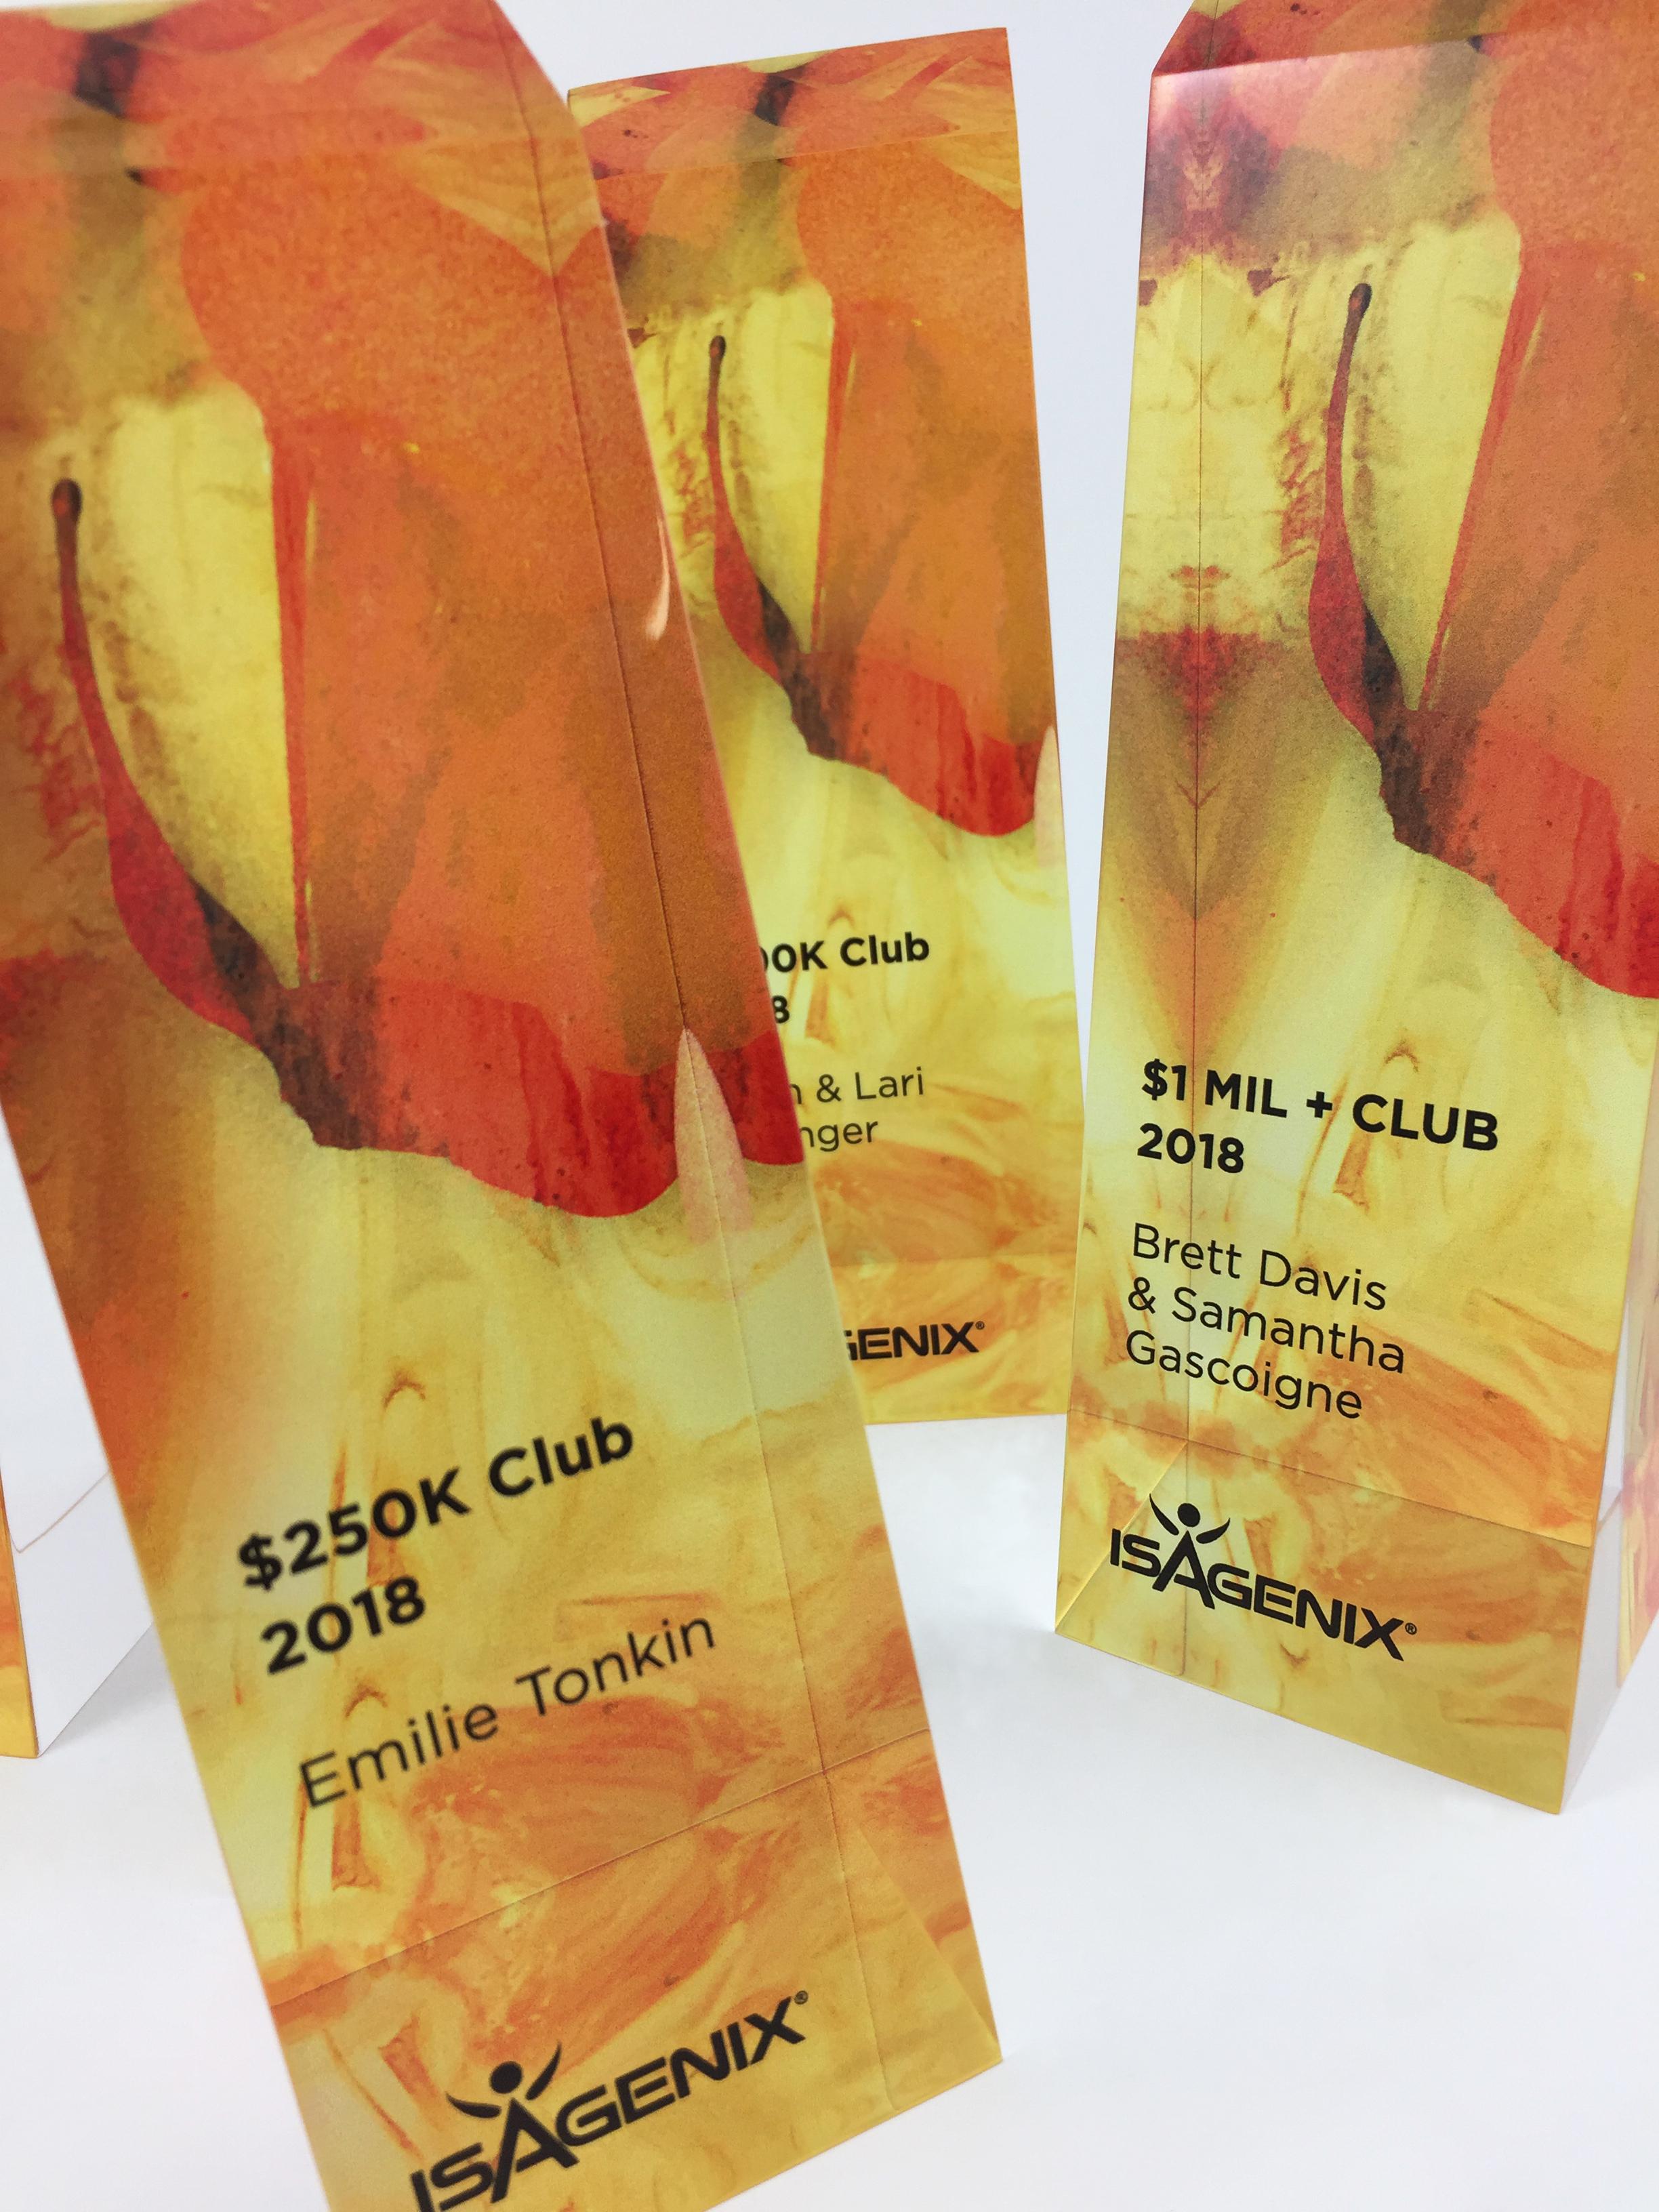 isagenix-club-acrylic-art-trophy-award-02.jpg